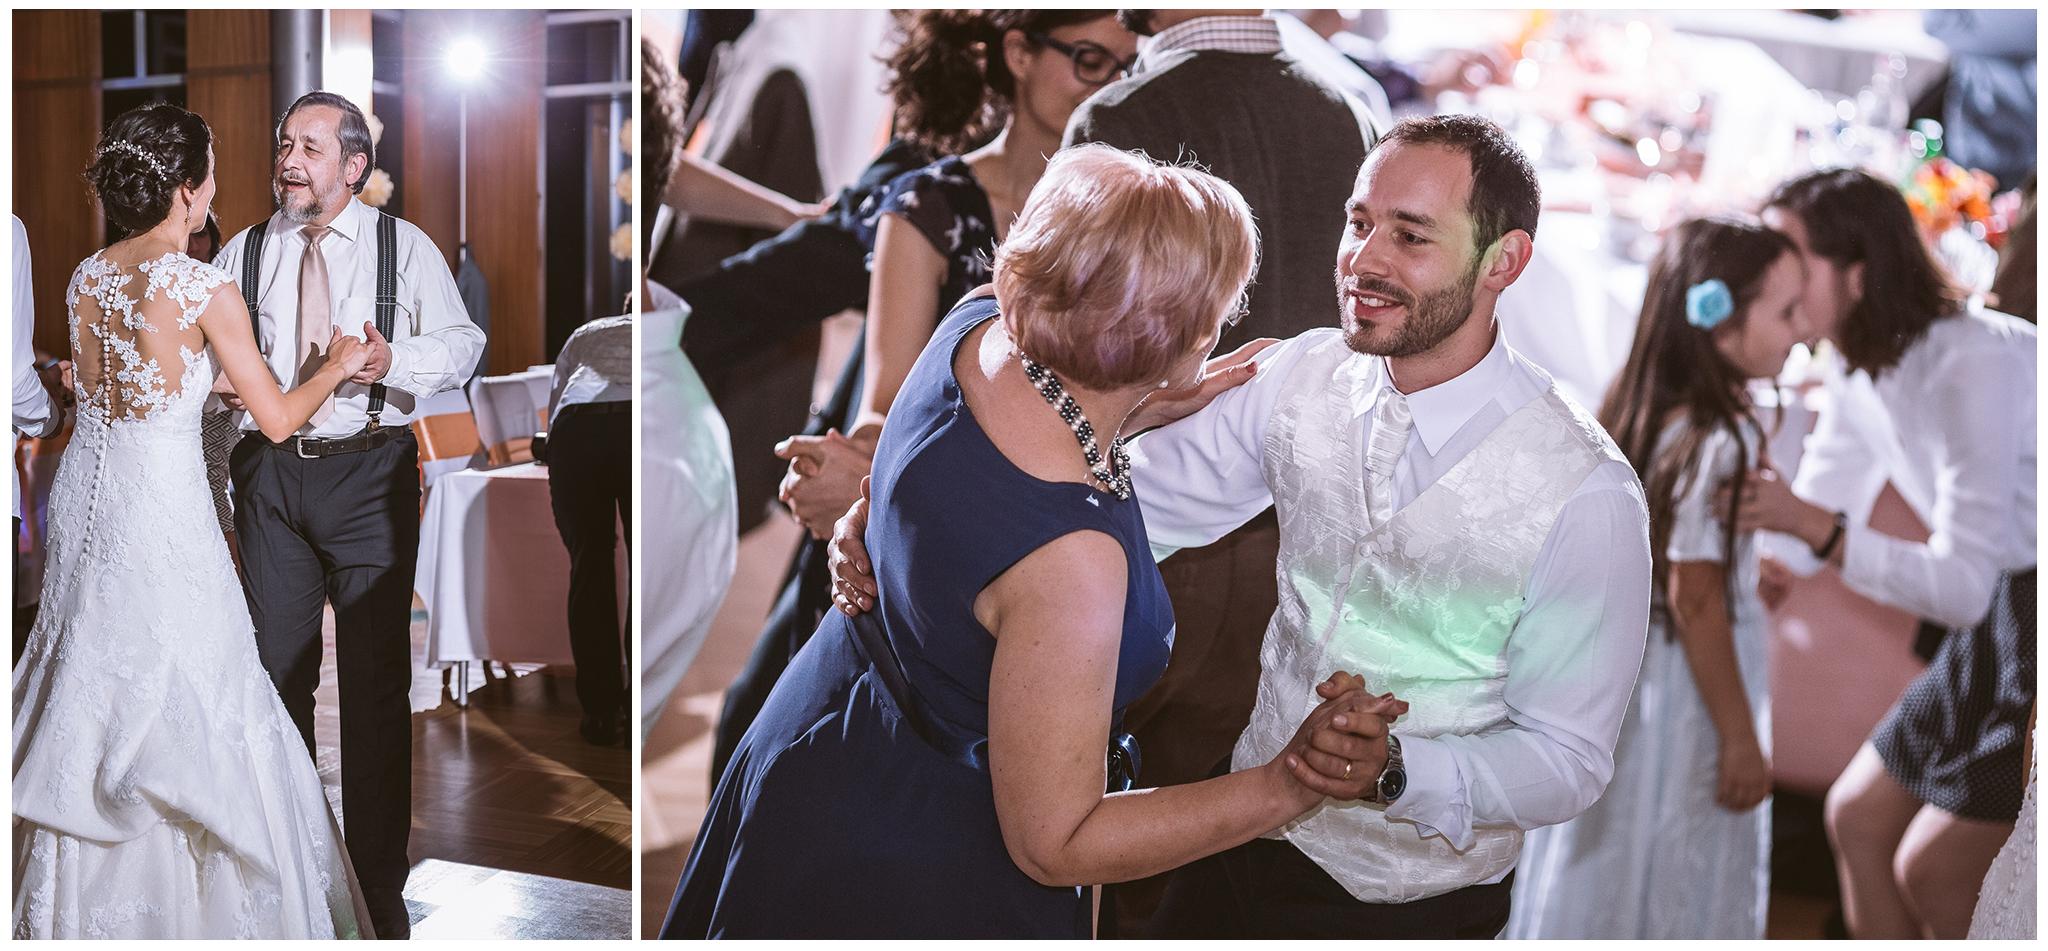 FylepPhoto, esküvőfotós, esküvői fotós Körmend, Szombathely, esküvőfotózás, magyarország, vas megye, prémium, jegyesfotózás, Fülöp Péter, körmend, kreatív, fotográfus_038.jpg